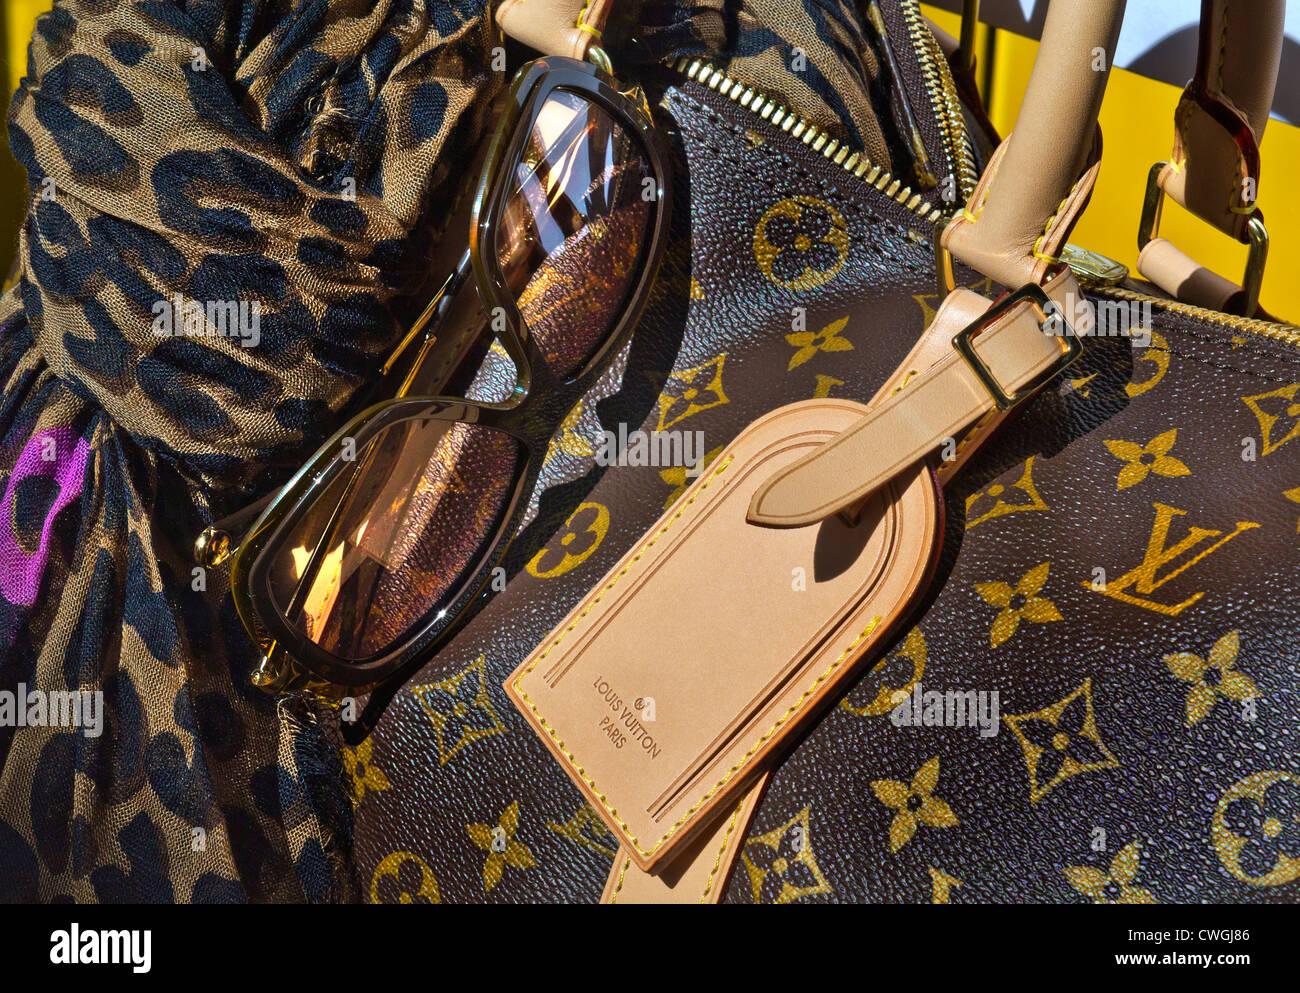 efb11fae04f2 Louis Vuitton sac de voyage de luxe de femme foulard et lunettes ...